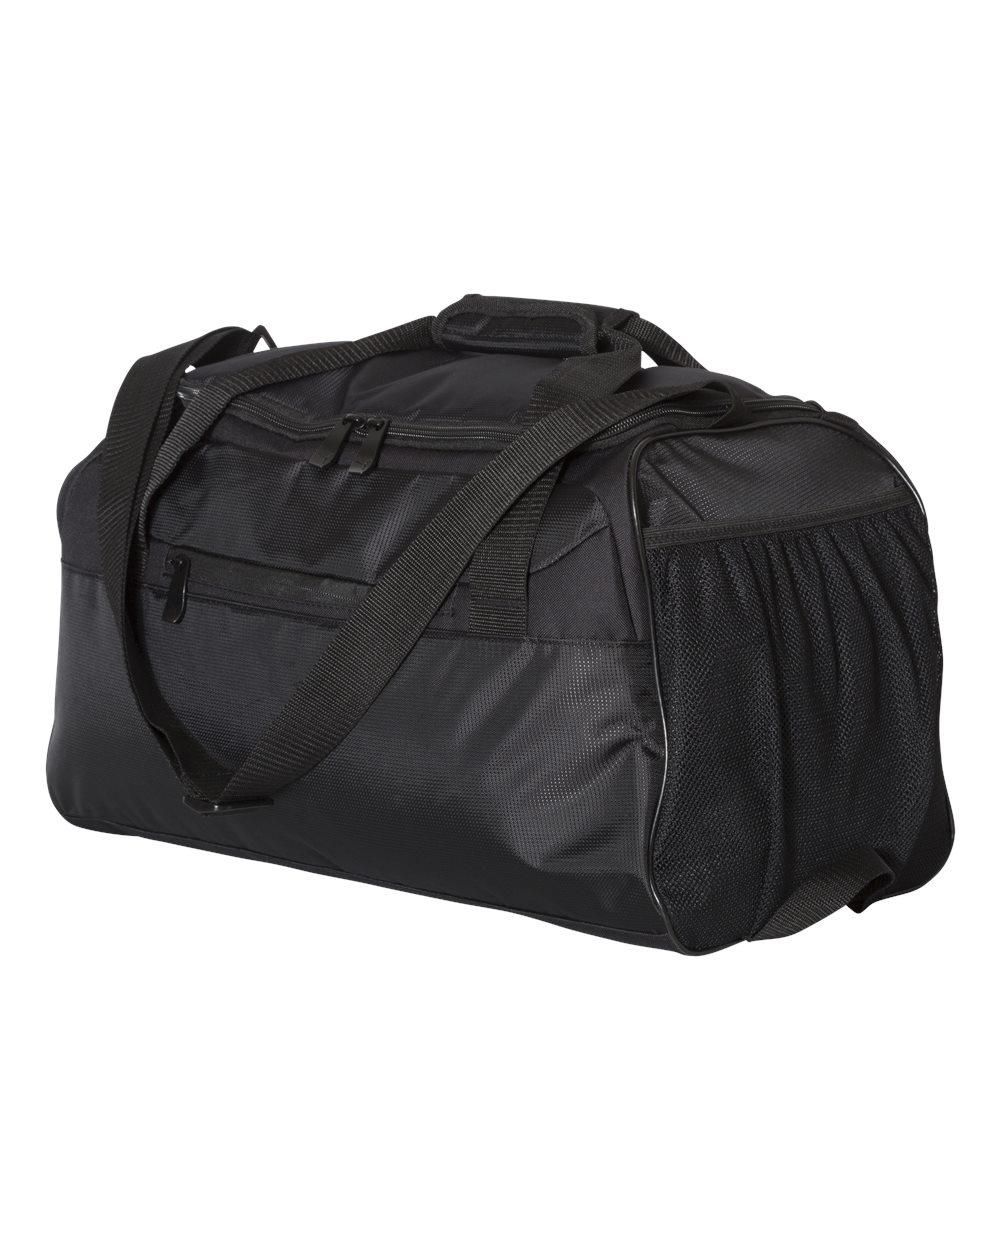 Puma PSC1031 - 36L Duffel Bag